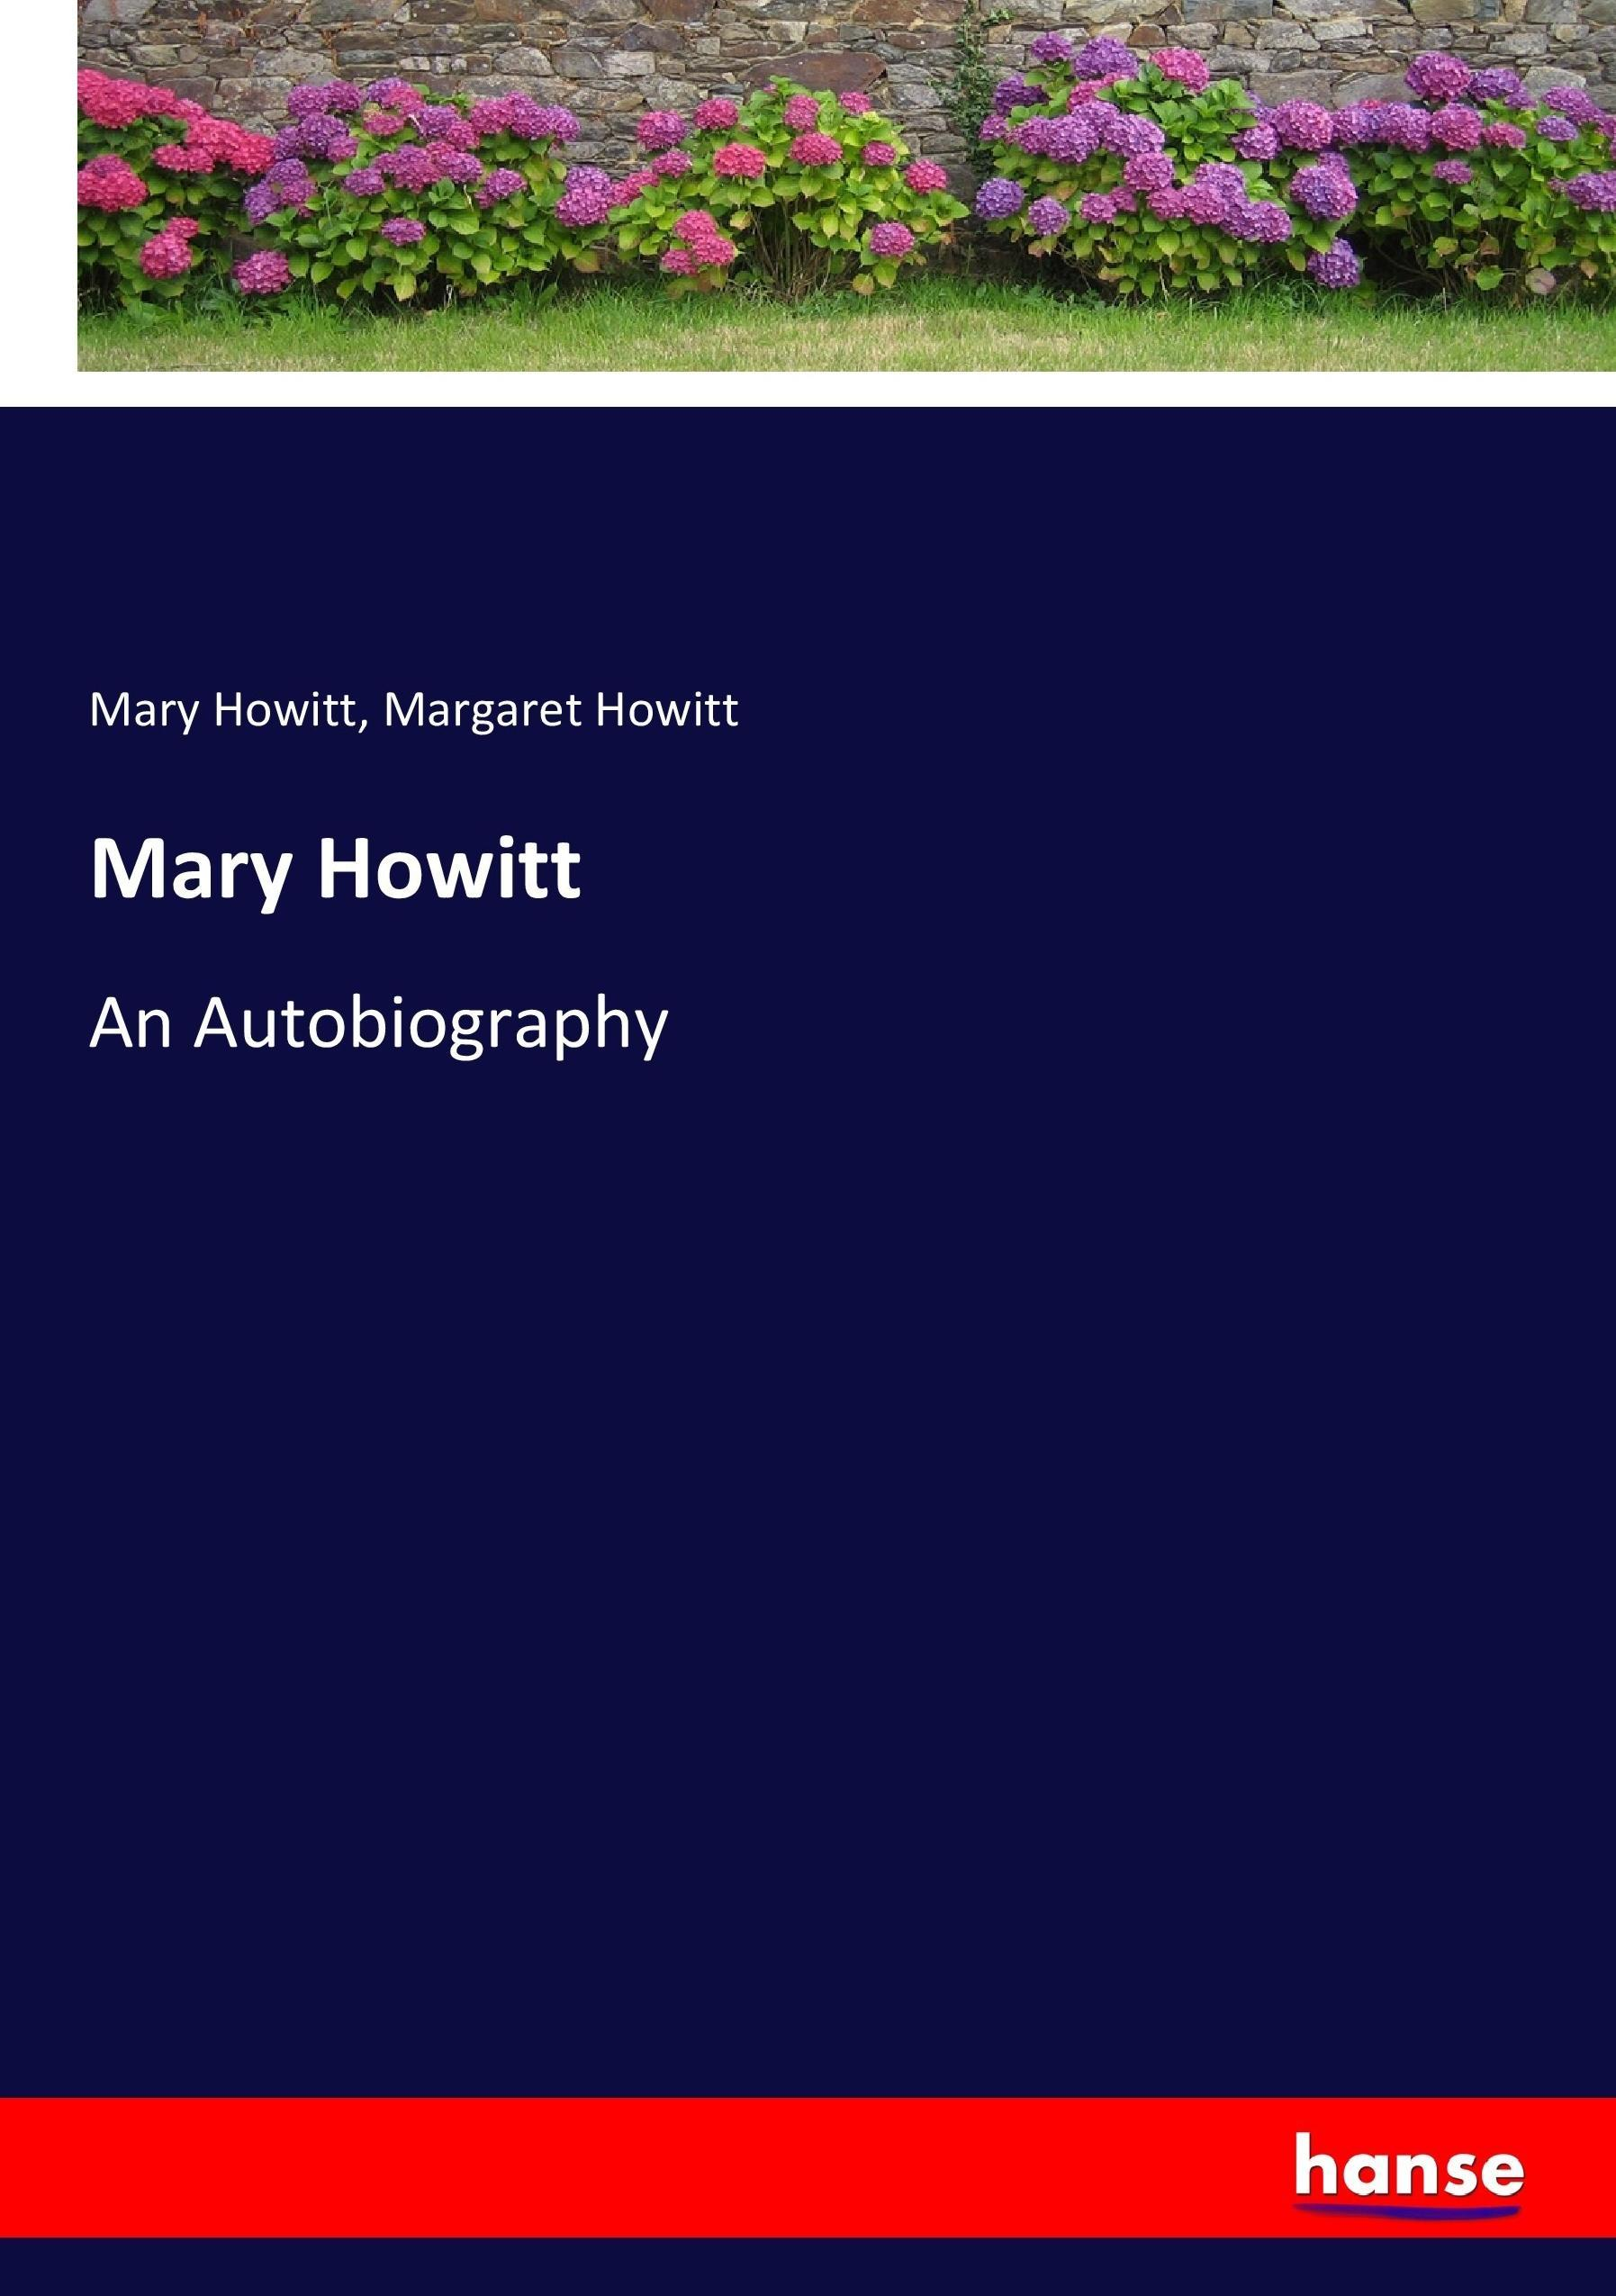 Mary-Howitt-Mary-Howitt9783337010867